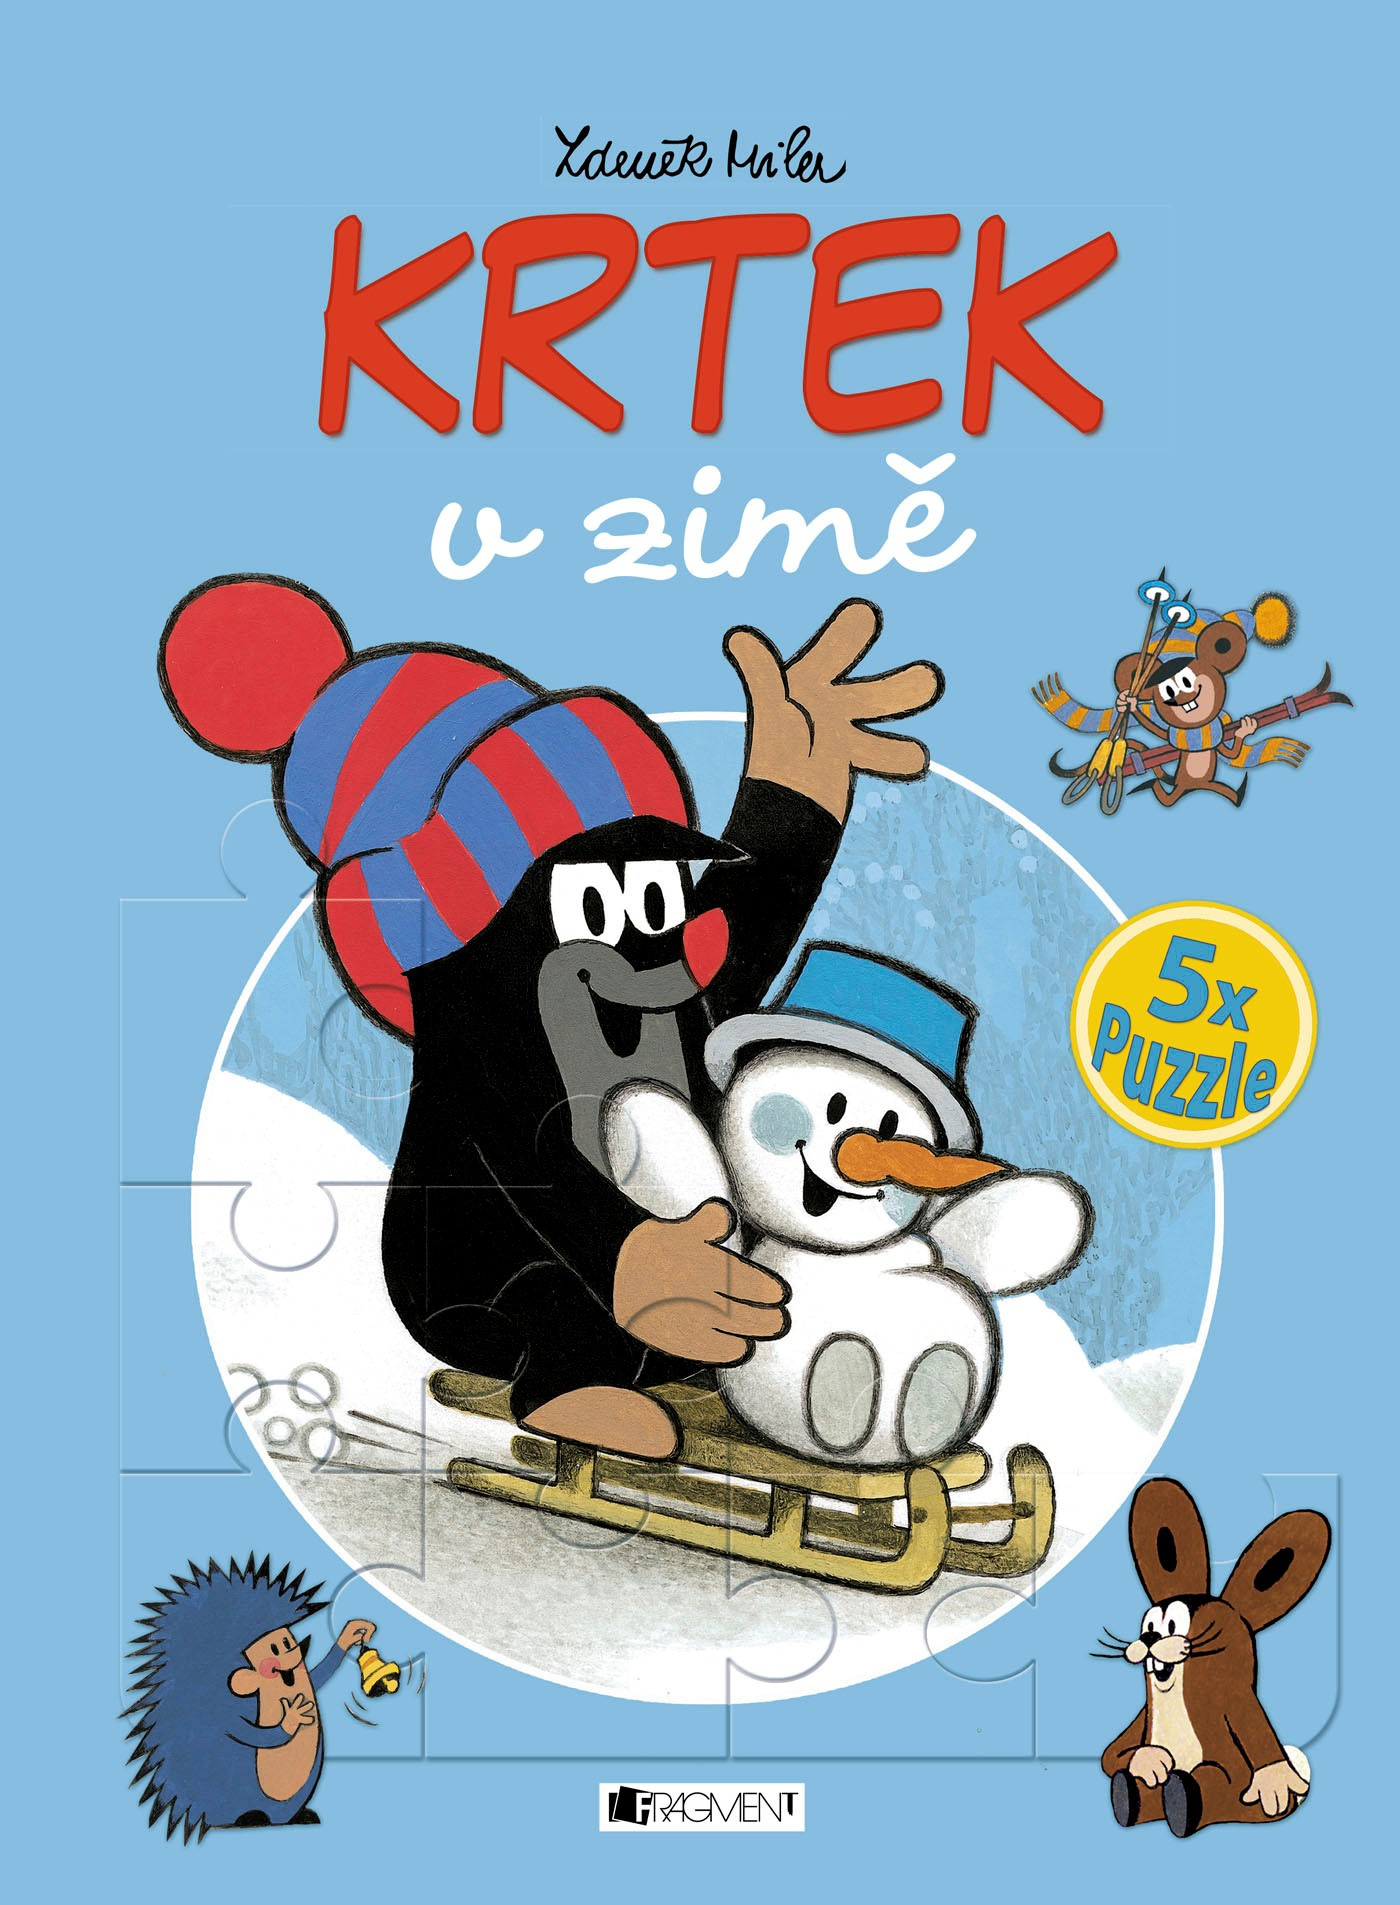 KRTEK v zimě – 5x puzzle | Milena Fischerová, Zdeněk Miler